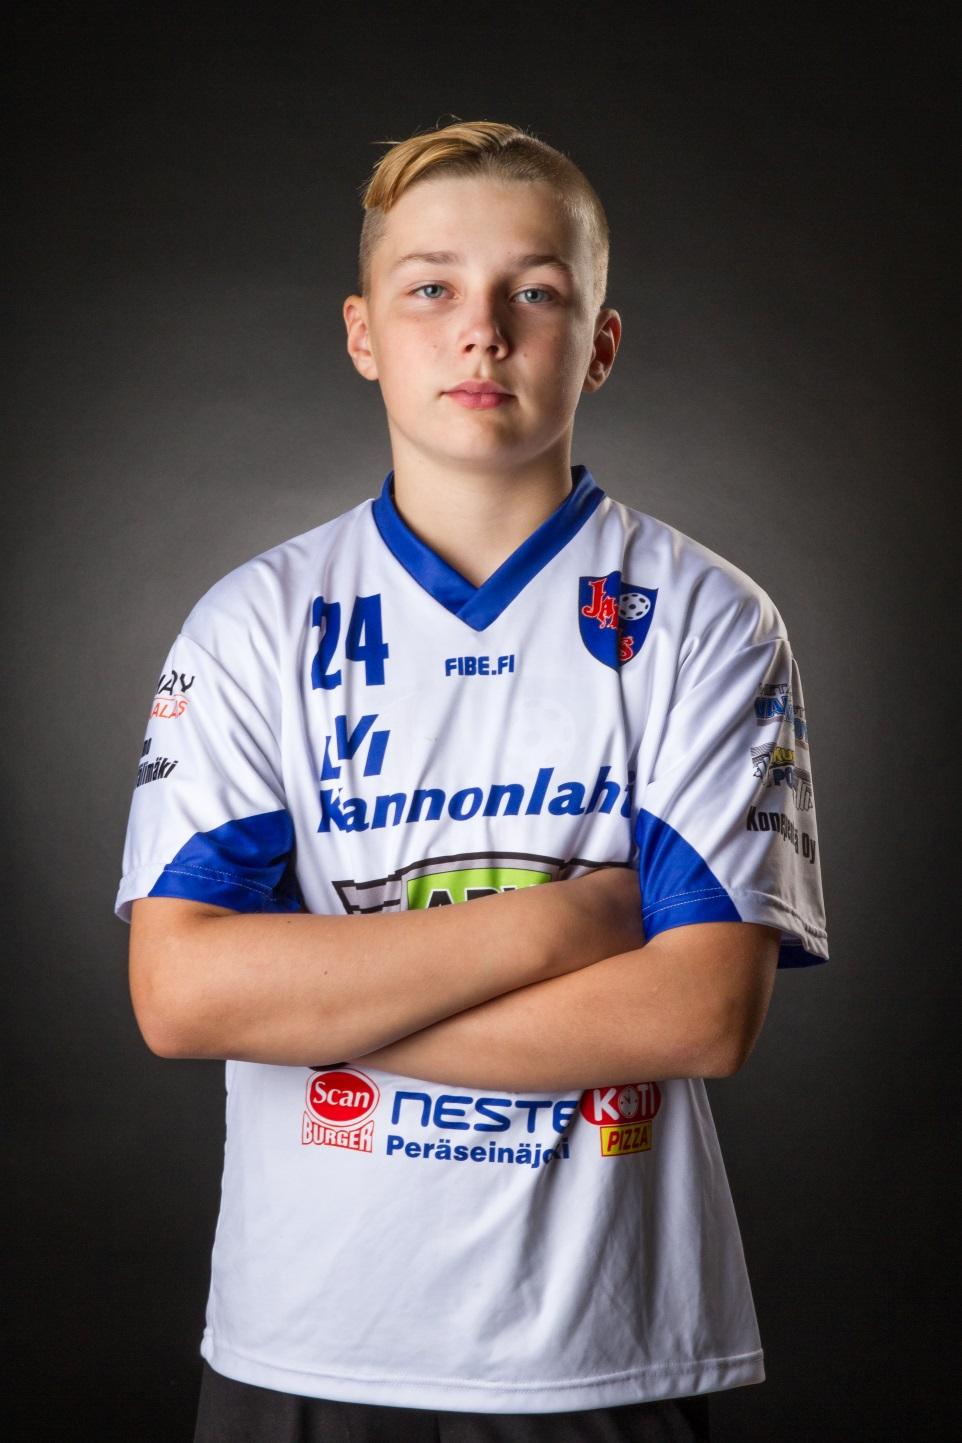 #24 Joonas Kohtamäki